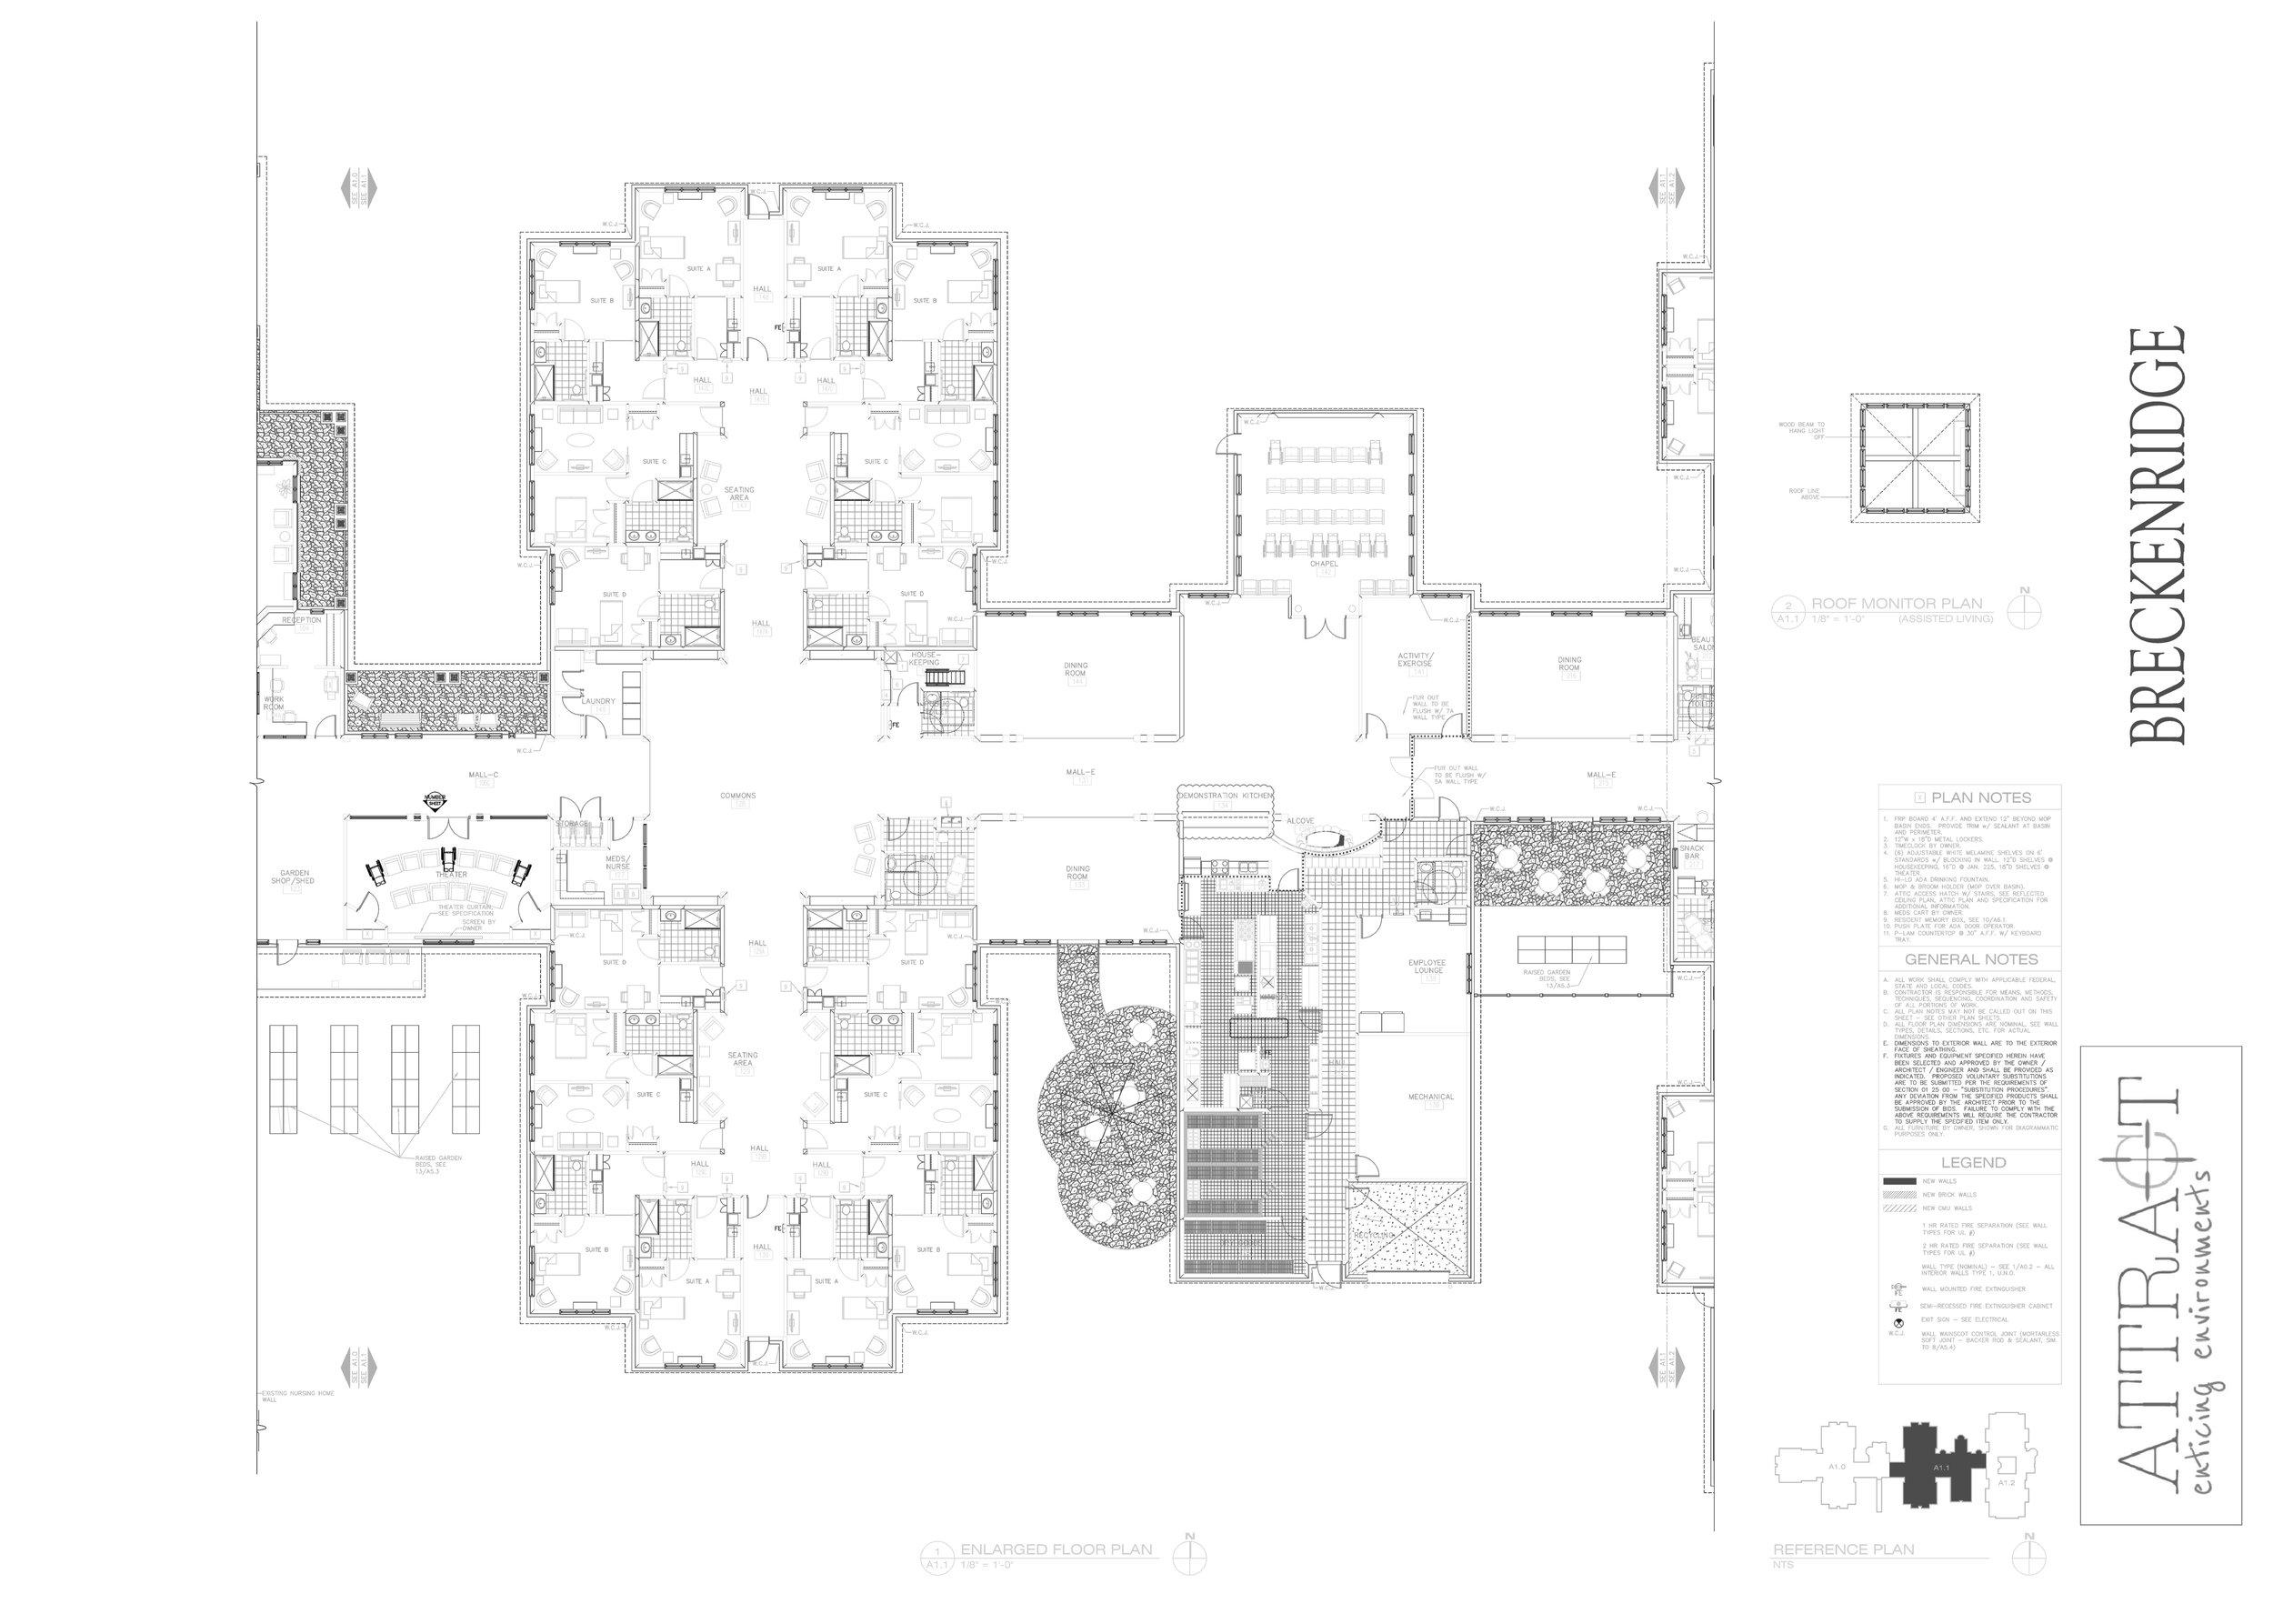 Renew Breckenridge Plan View 8.16.18 b.jpg